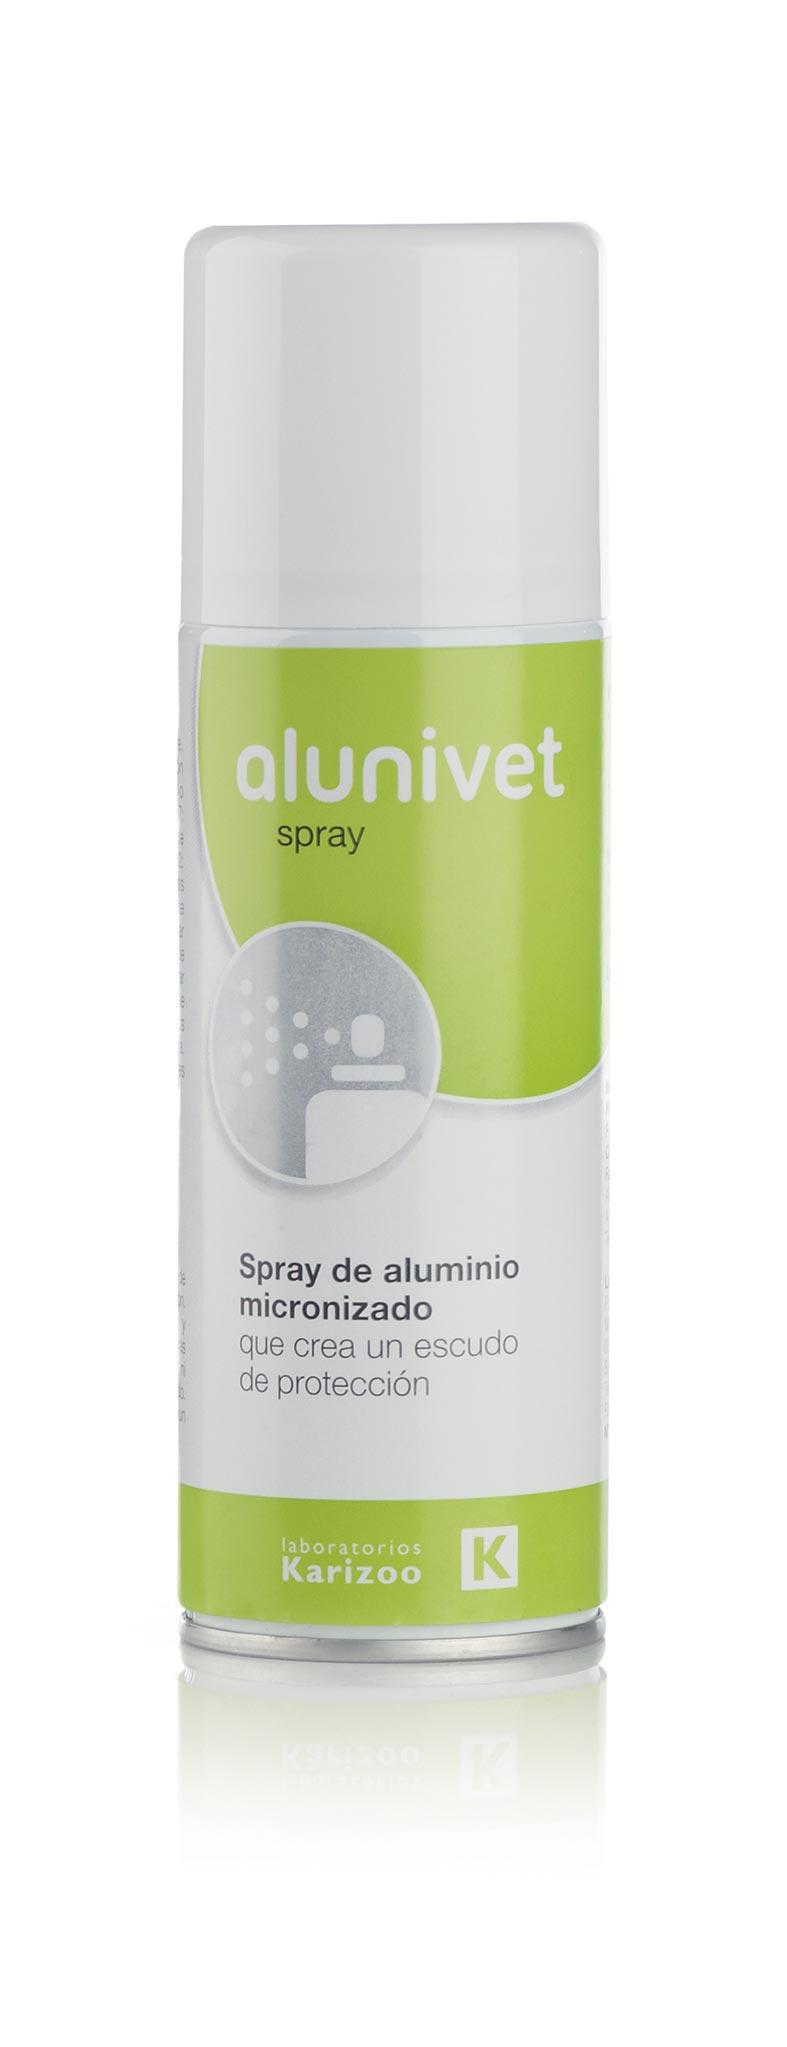 ALUNIVET SPRAY 200 ML